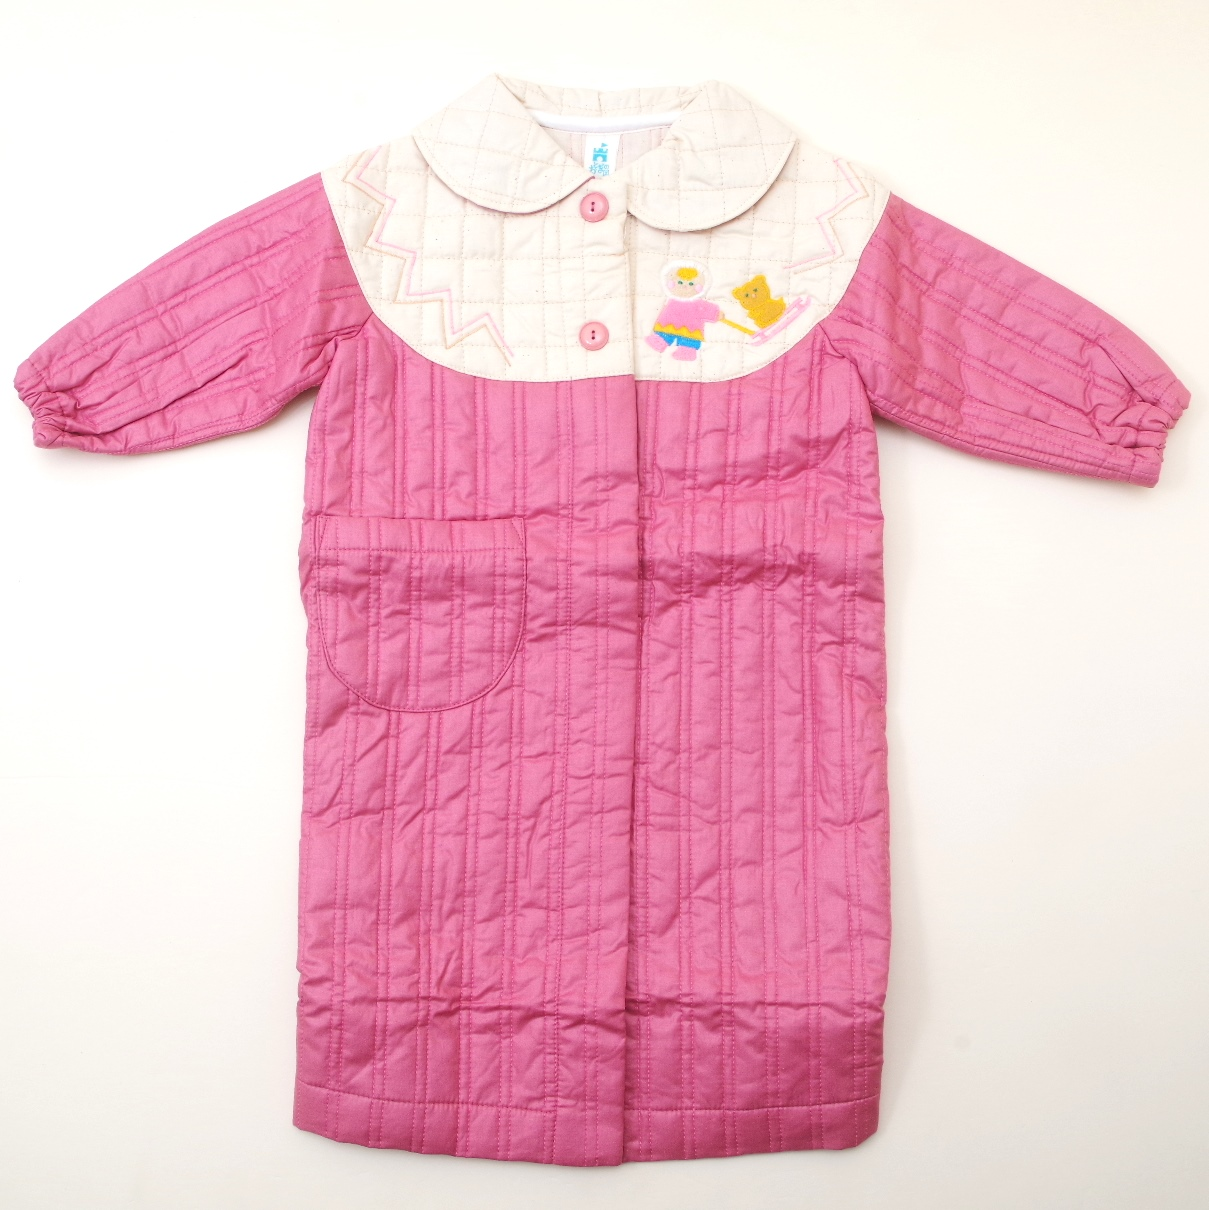 レトロ おとぎの国のキルトガウン 2才 ピンク色 (1811-1625)